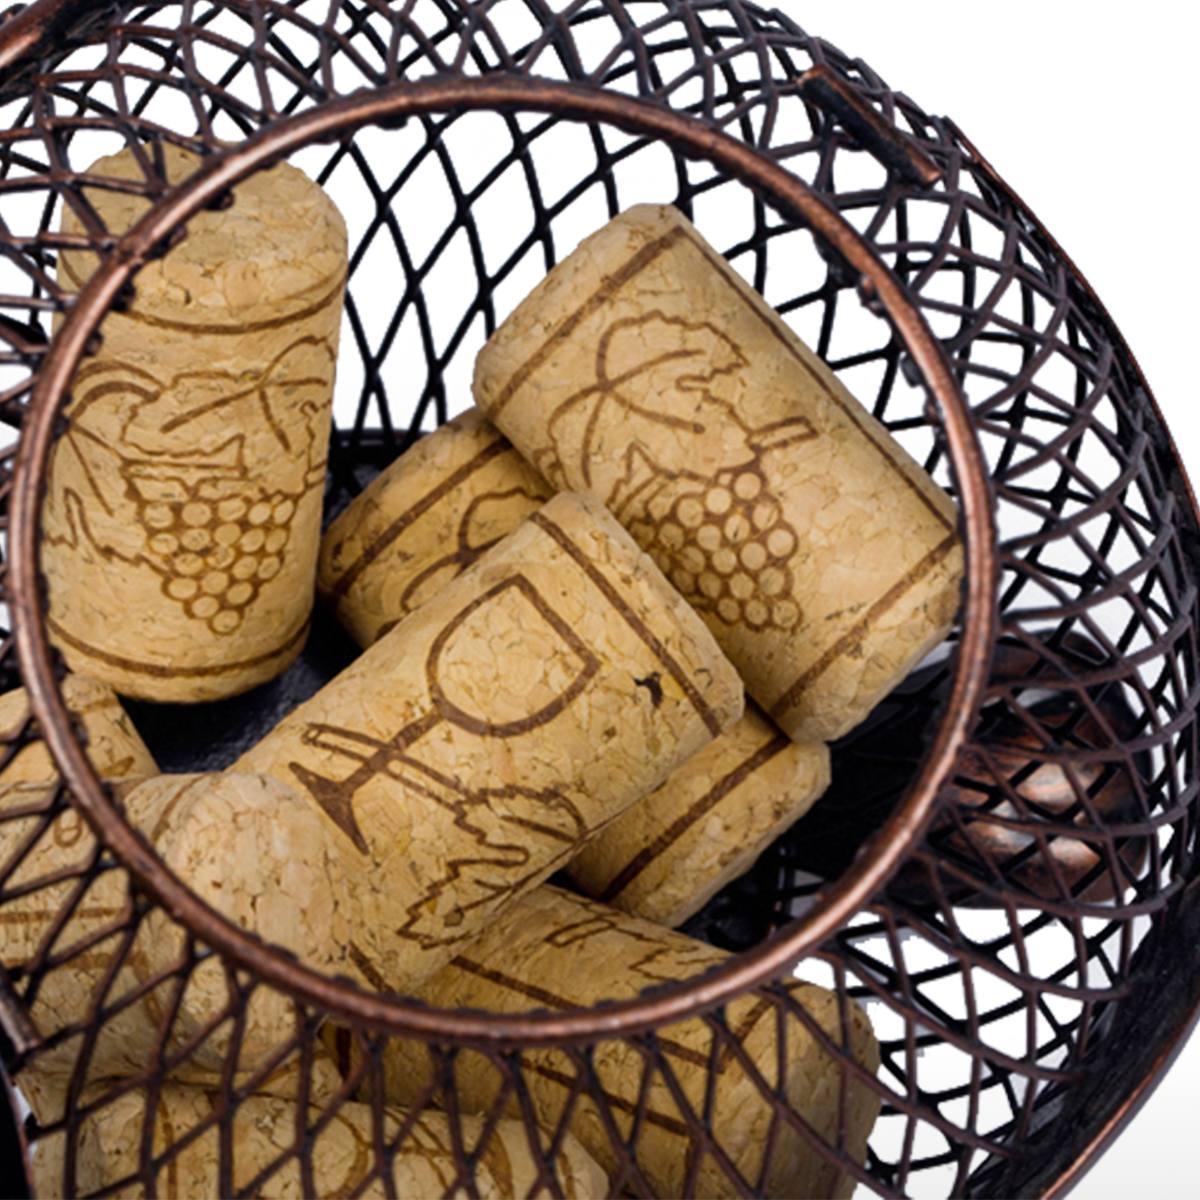 Gatito vino corcho contenedor ornamento animal ornamento for Lopez del hierro decoracion